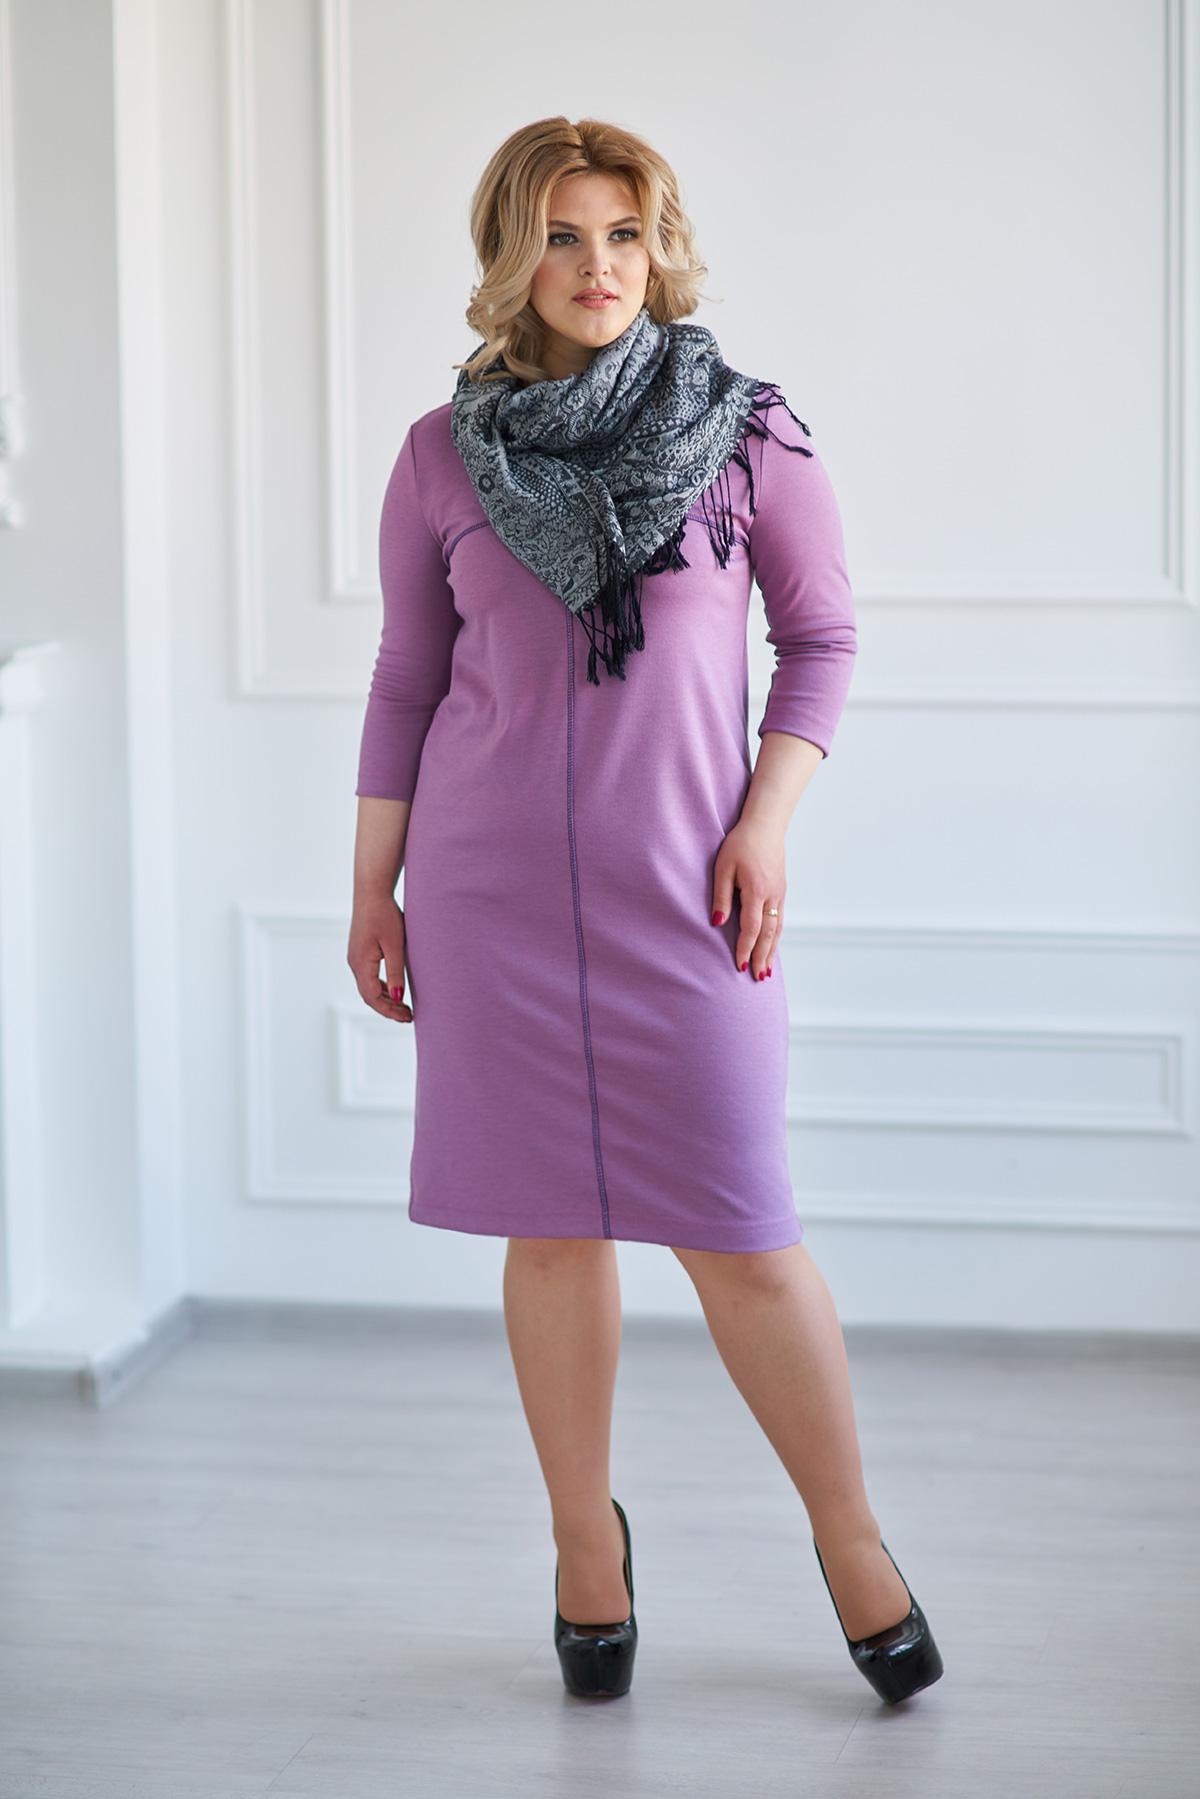 Жен. платье арт. 19-0025 Сиреневый р. 50Платья<br>Факт. ОГ: 100 см <br>Факт. ОТ: 104 см <br>Факт. ОБ: 106 см <br>Длина по спинке: 93 см<br><br>Тип: Жен. платье<br>Размер: 50<br>Материал: Милано